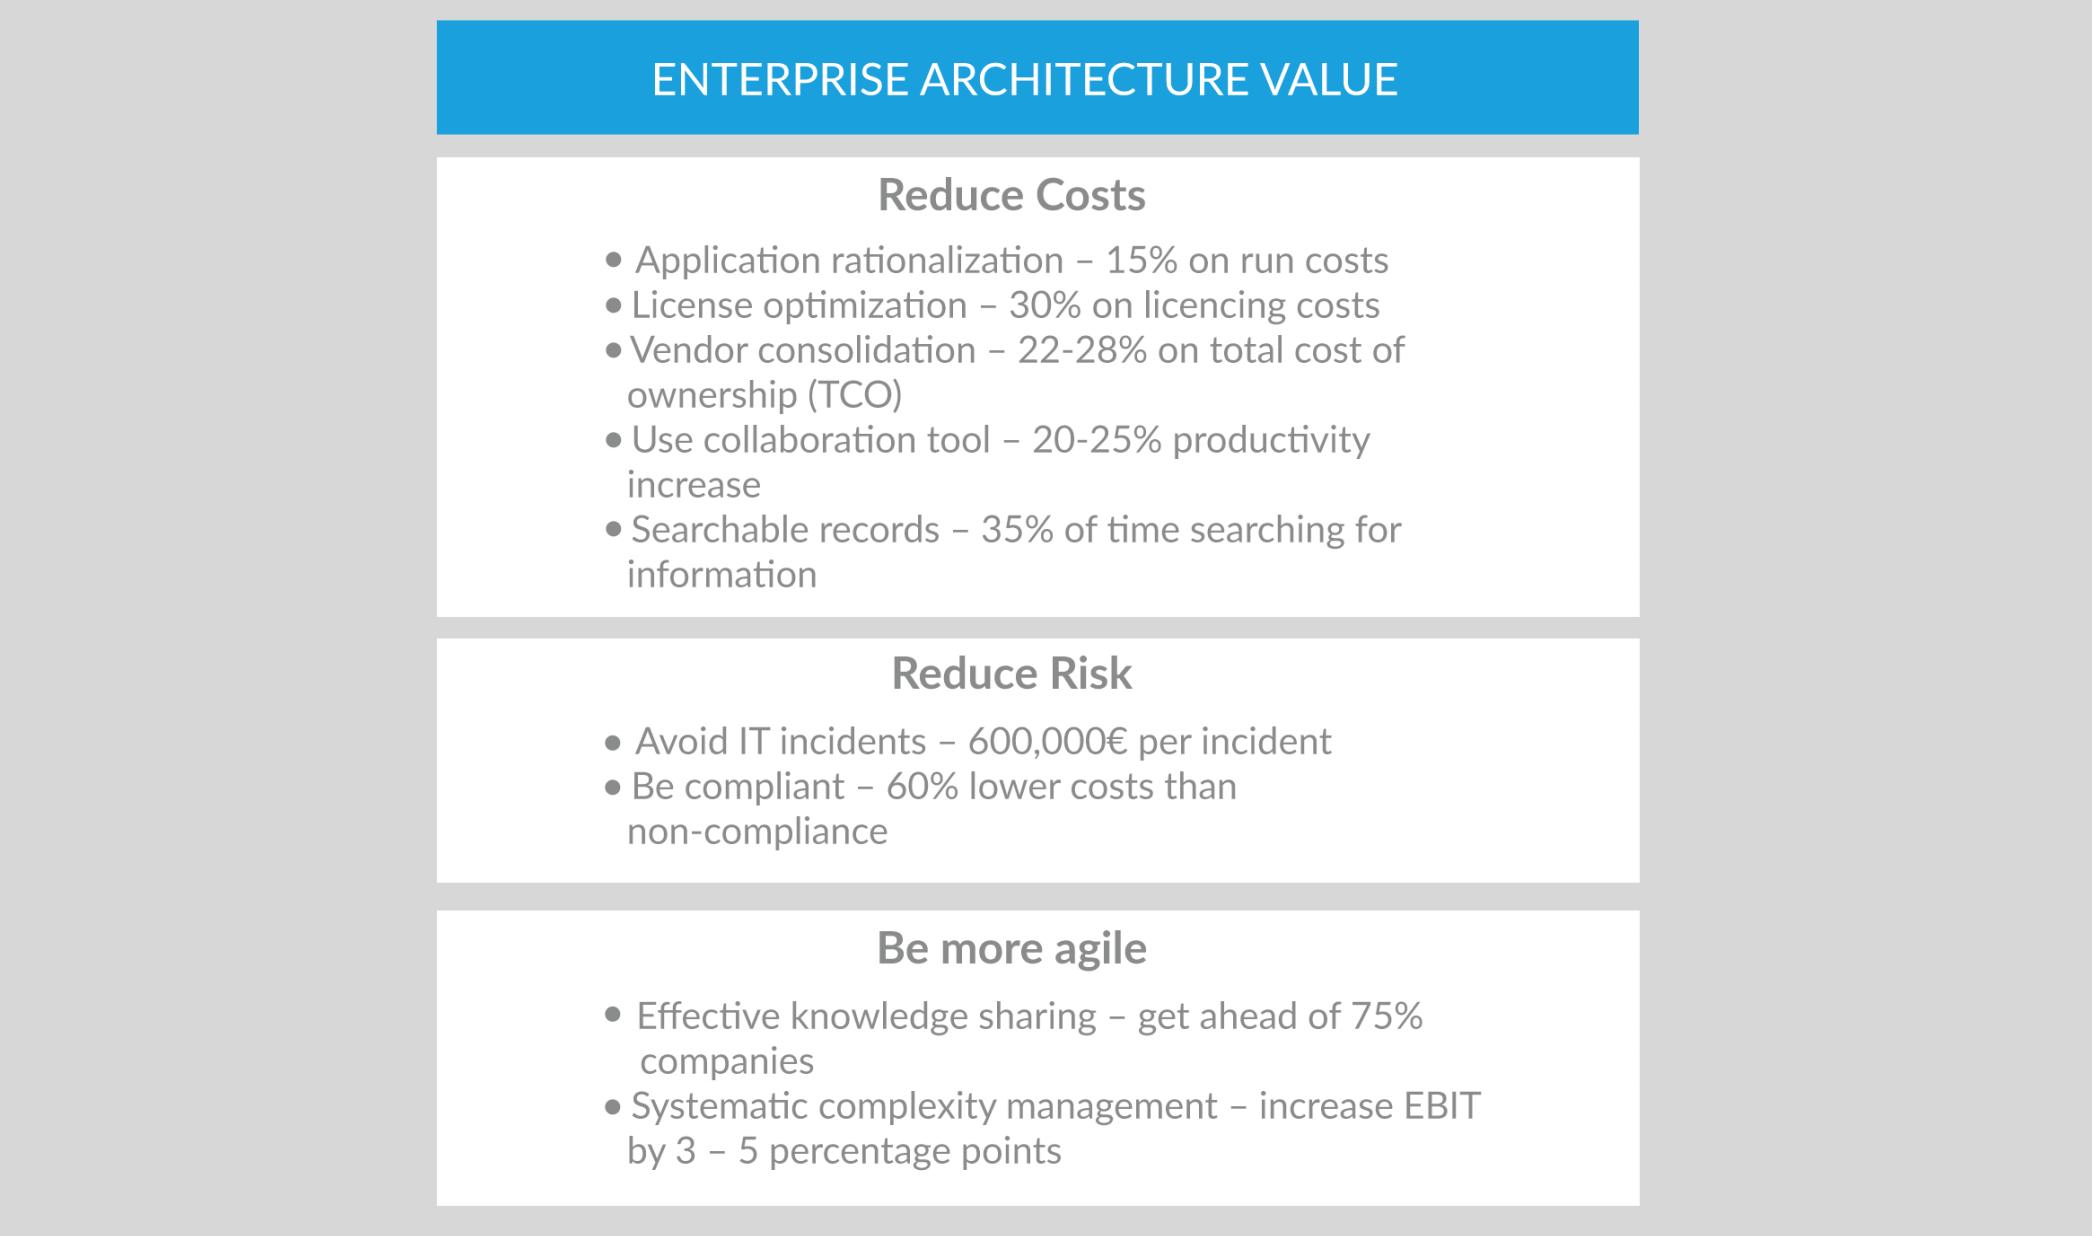 Enterprise Architecture Value